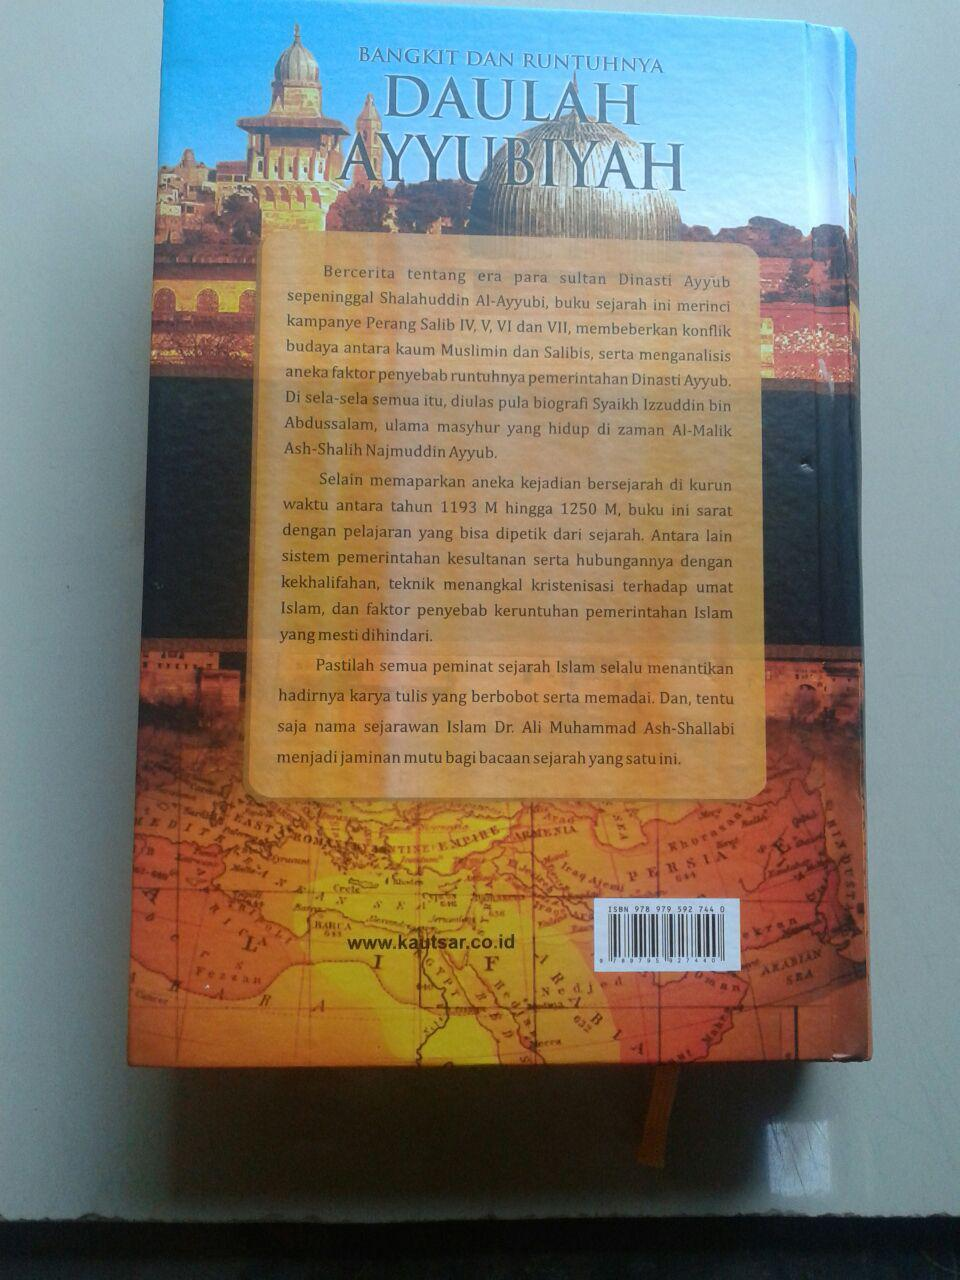 Buku Bangkit Runtuhnya Daulah Ayyubiyah cover